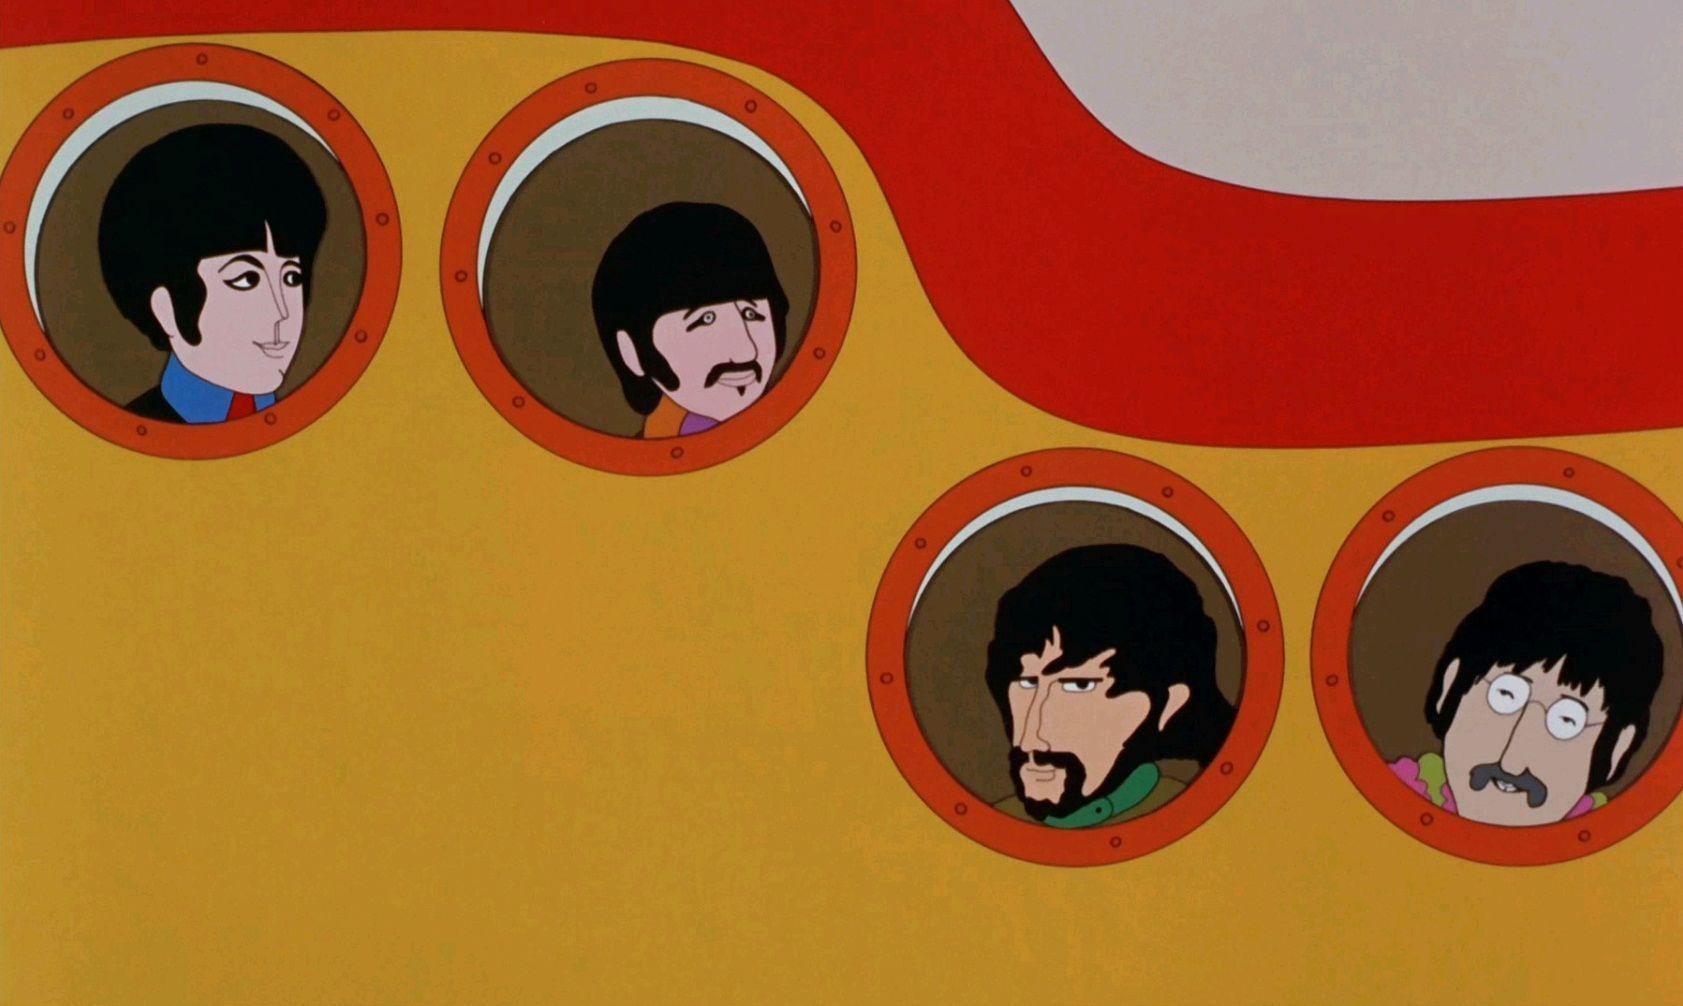 http://allofcinema.com/wp-content/uploads/2015/11/Luchshie-filmyi-v-retsenziyah-ZHyoltaya-podvodnaya-lodka-Yellow-Submarine-1968-3.jpg